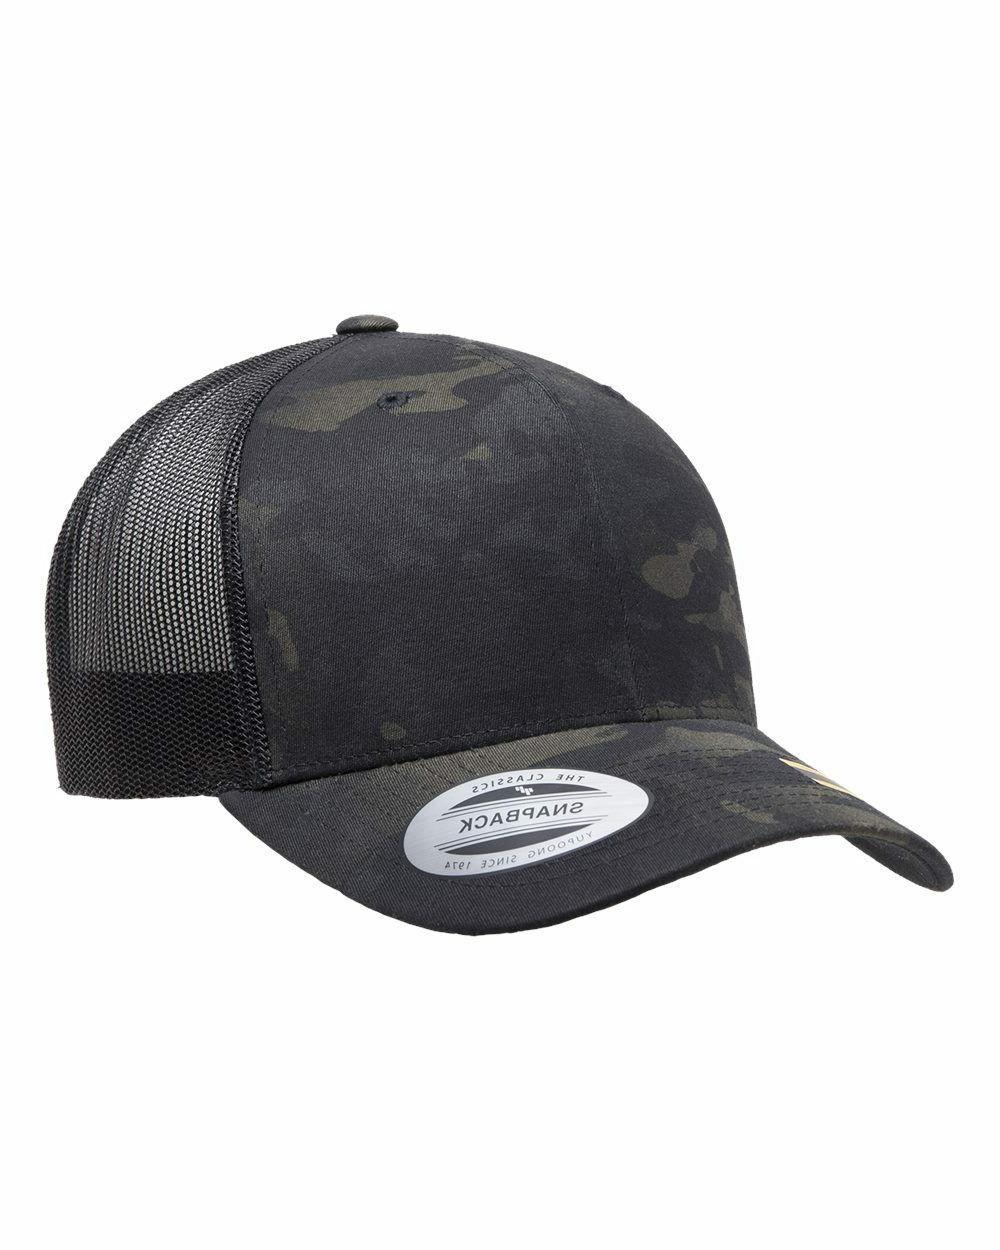 Yupoong Retro Trucker Hat & Cap by Flexfit,